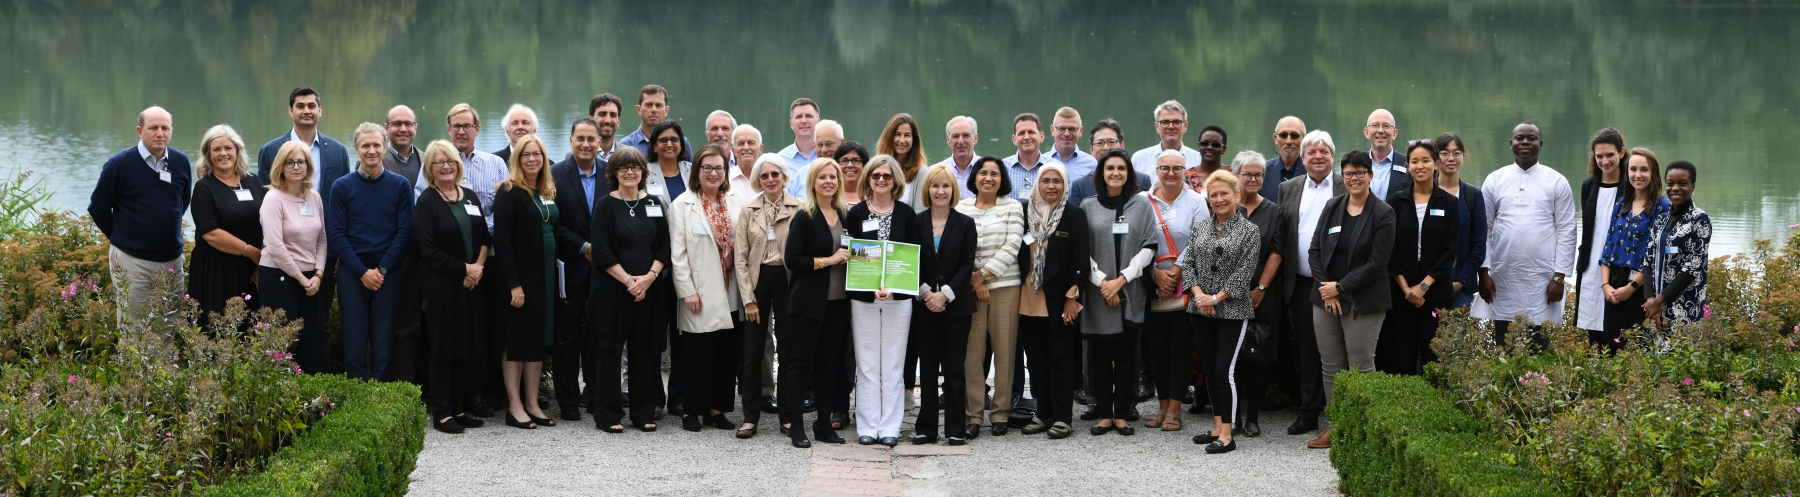 Salzburg-Global-Seminar-2019